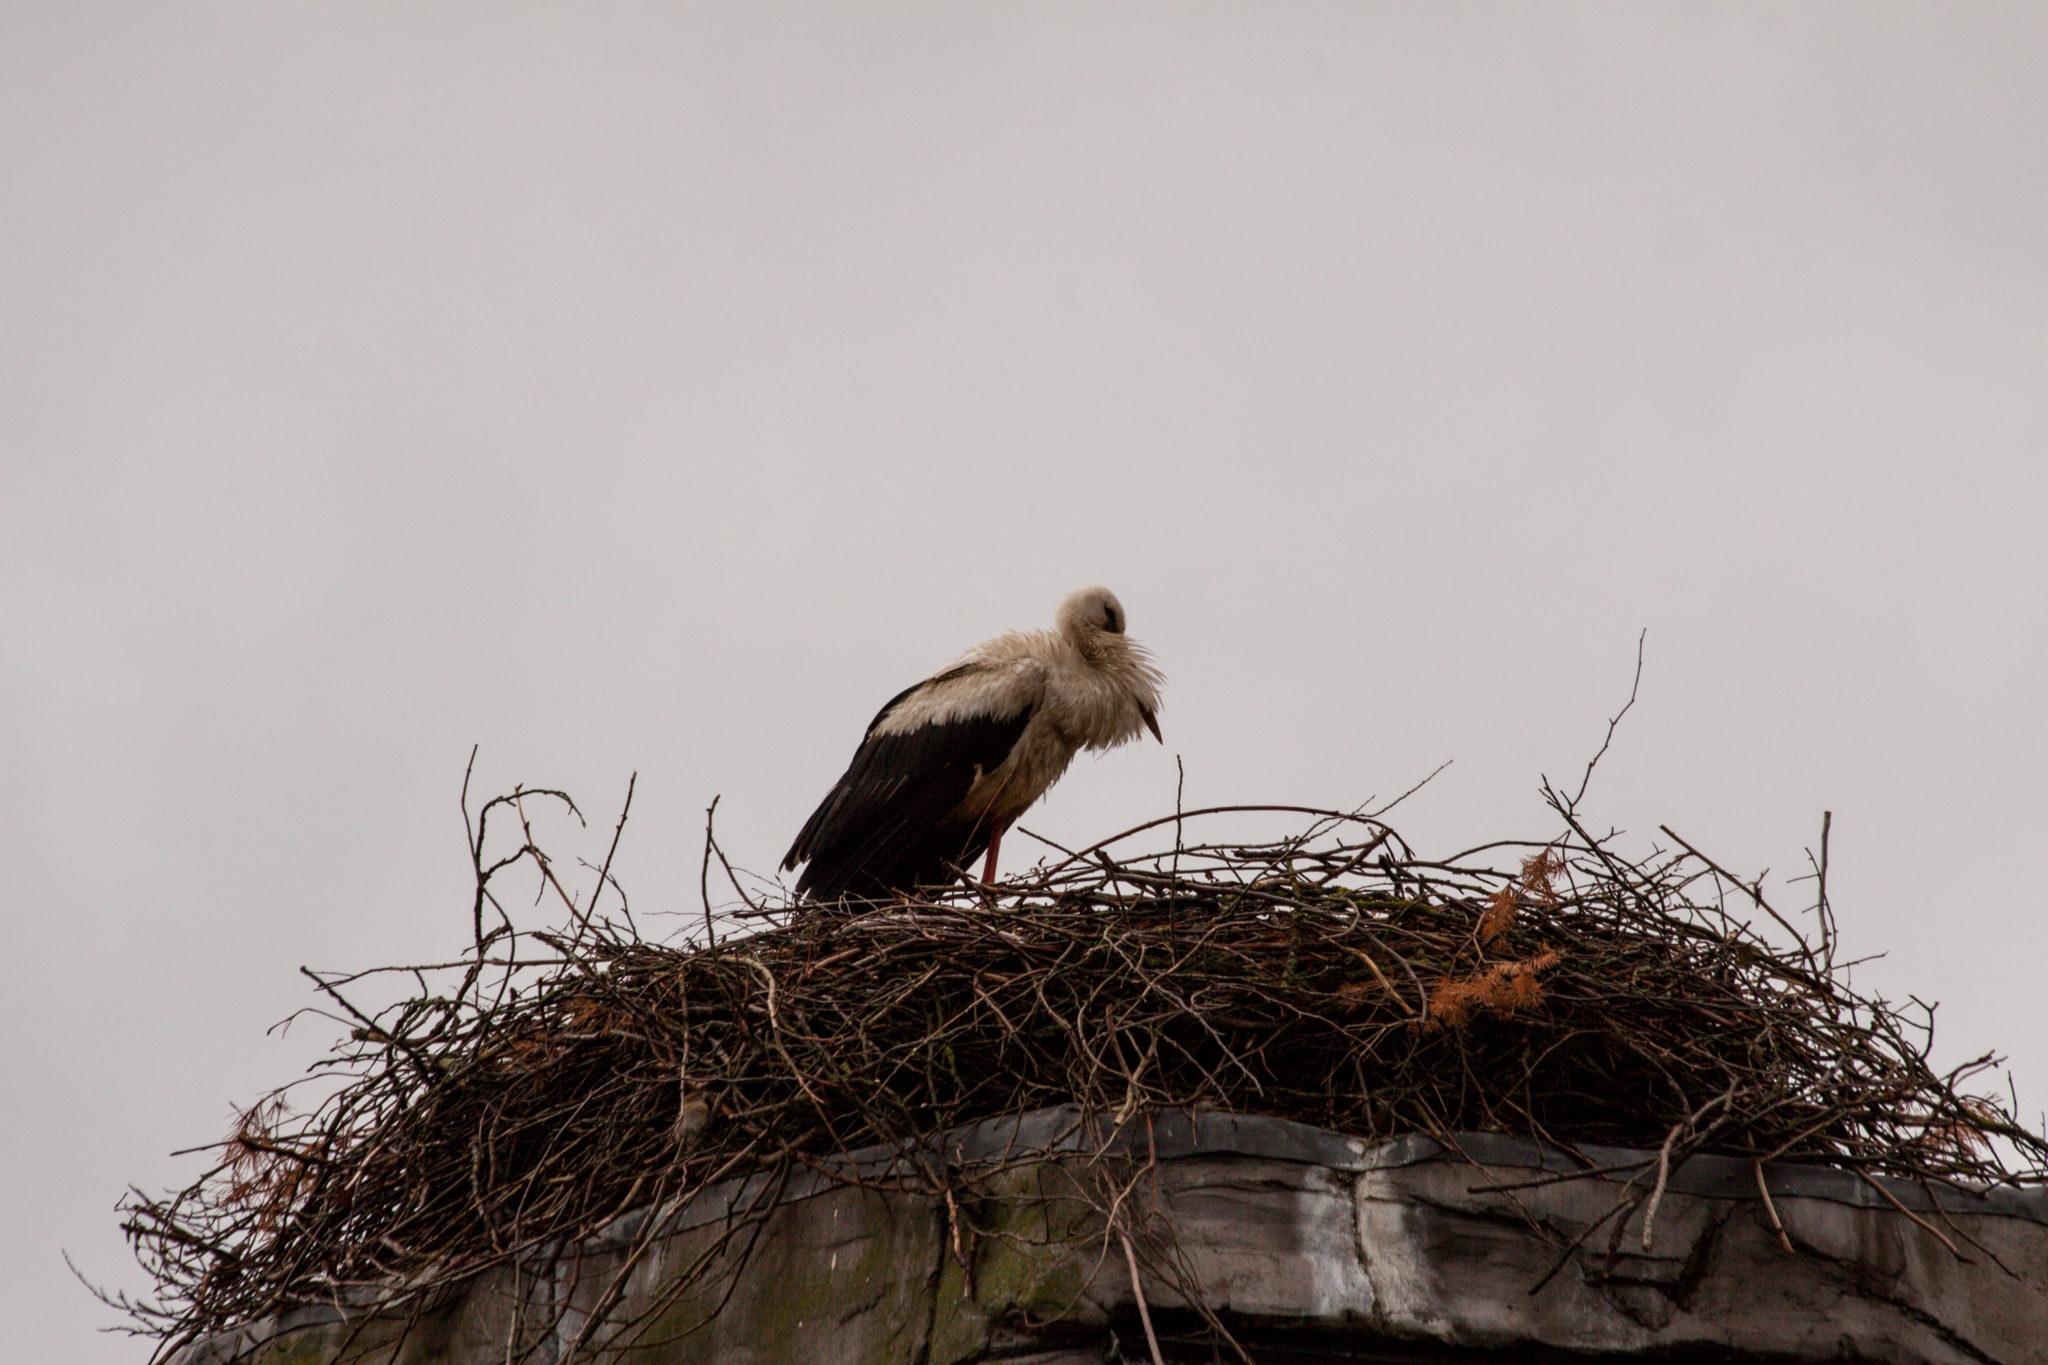 Störche im Zoo, Nest auf dem Wasserturm der alten Bärenburg